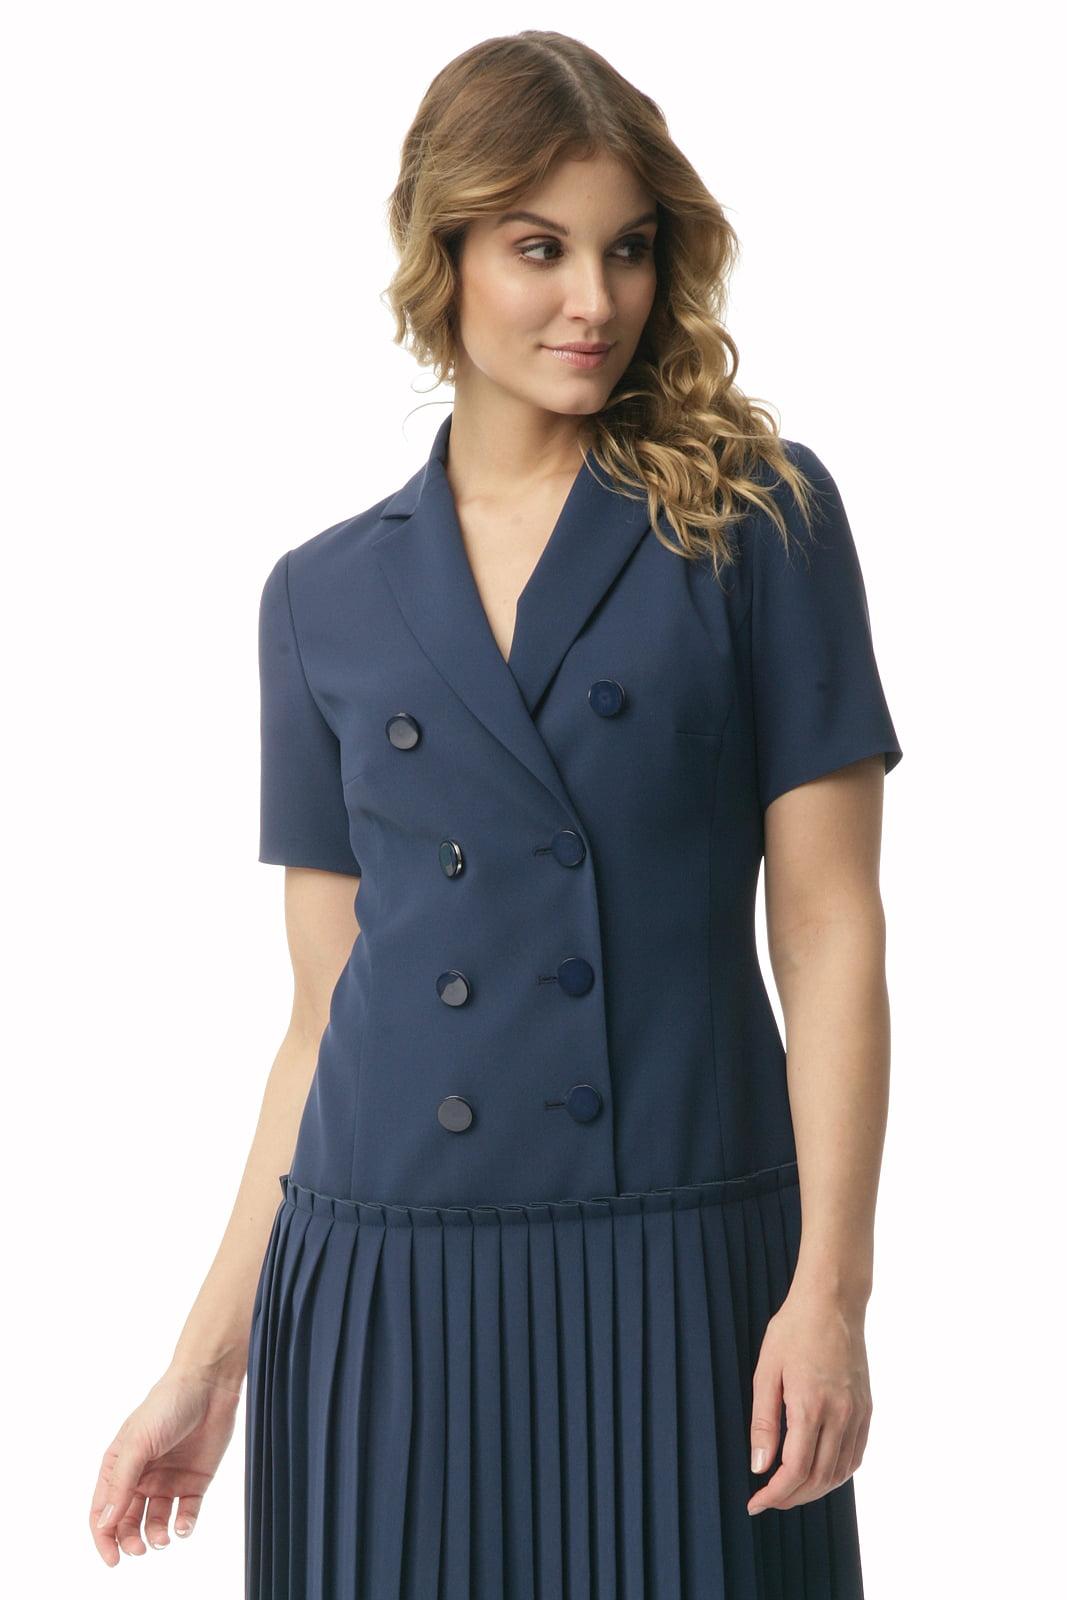 e7e641ebe4 Krótka granatowa sukienka z plisowaniem Halina - Modesta - ponad 30 ...